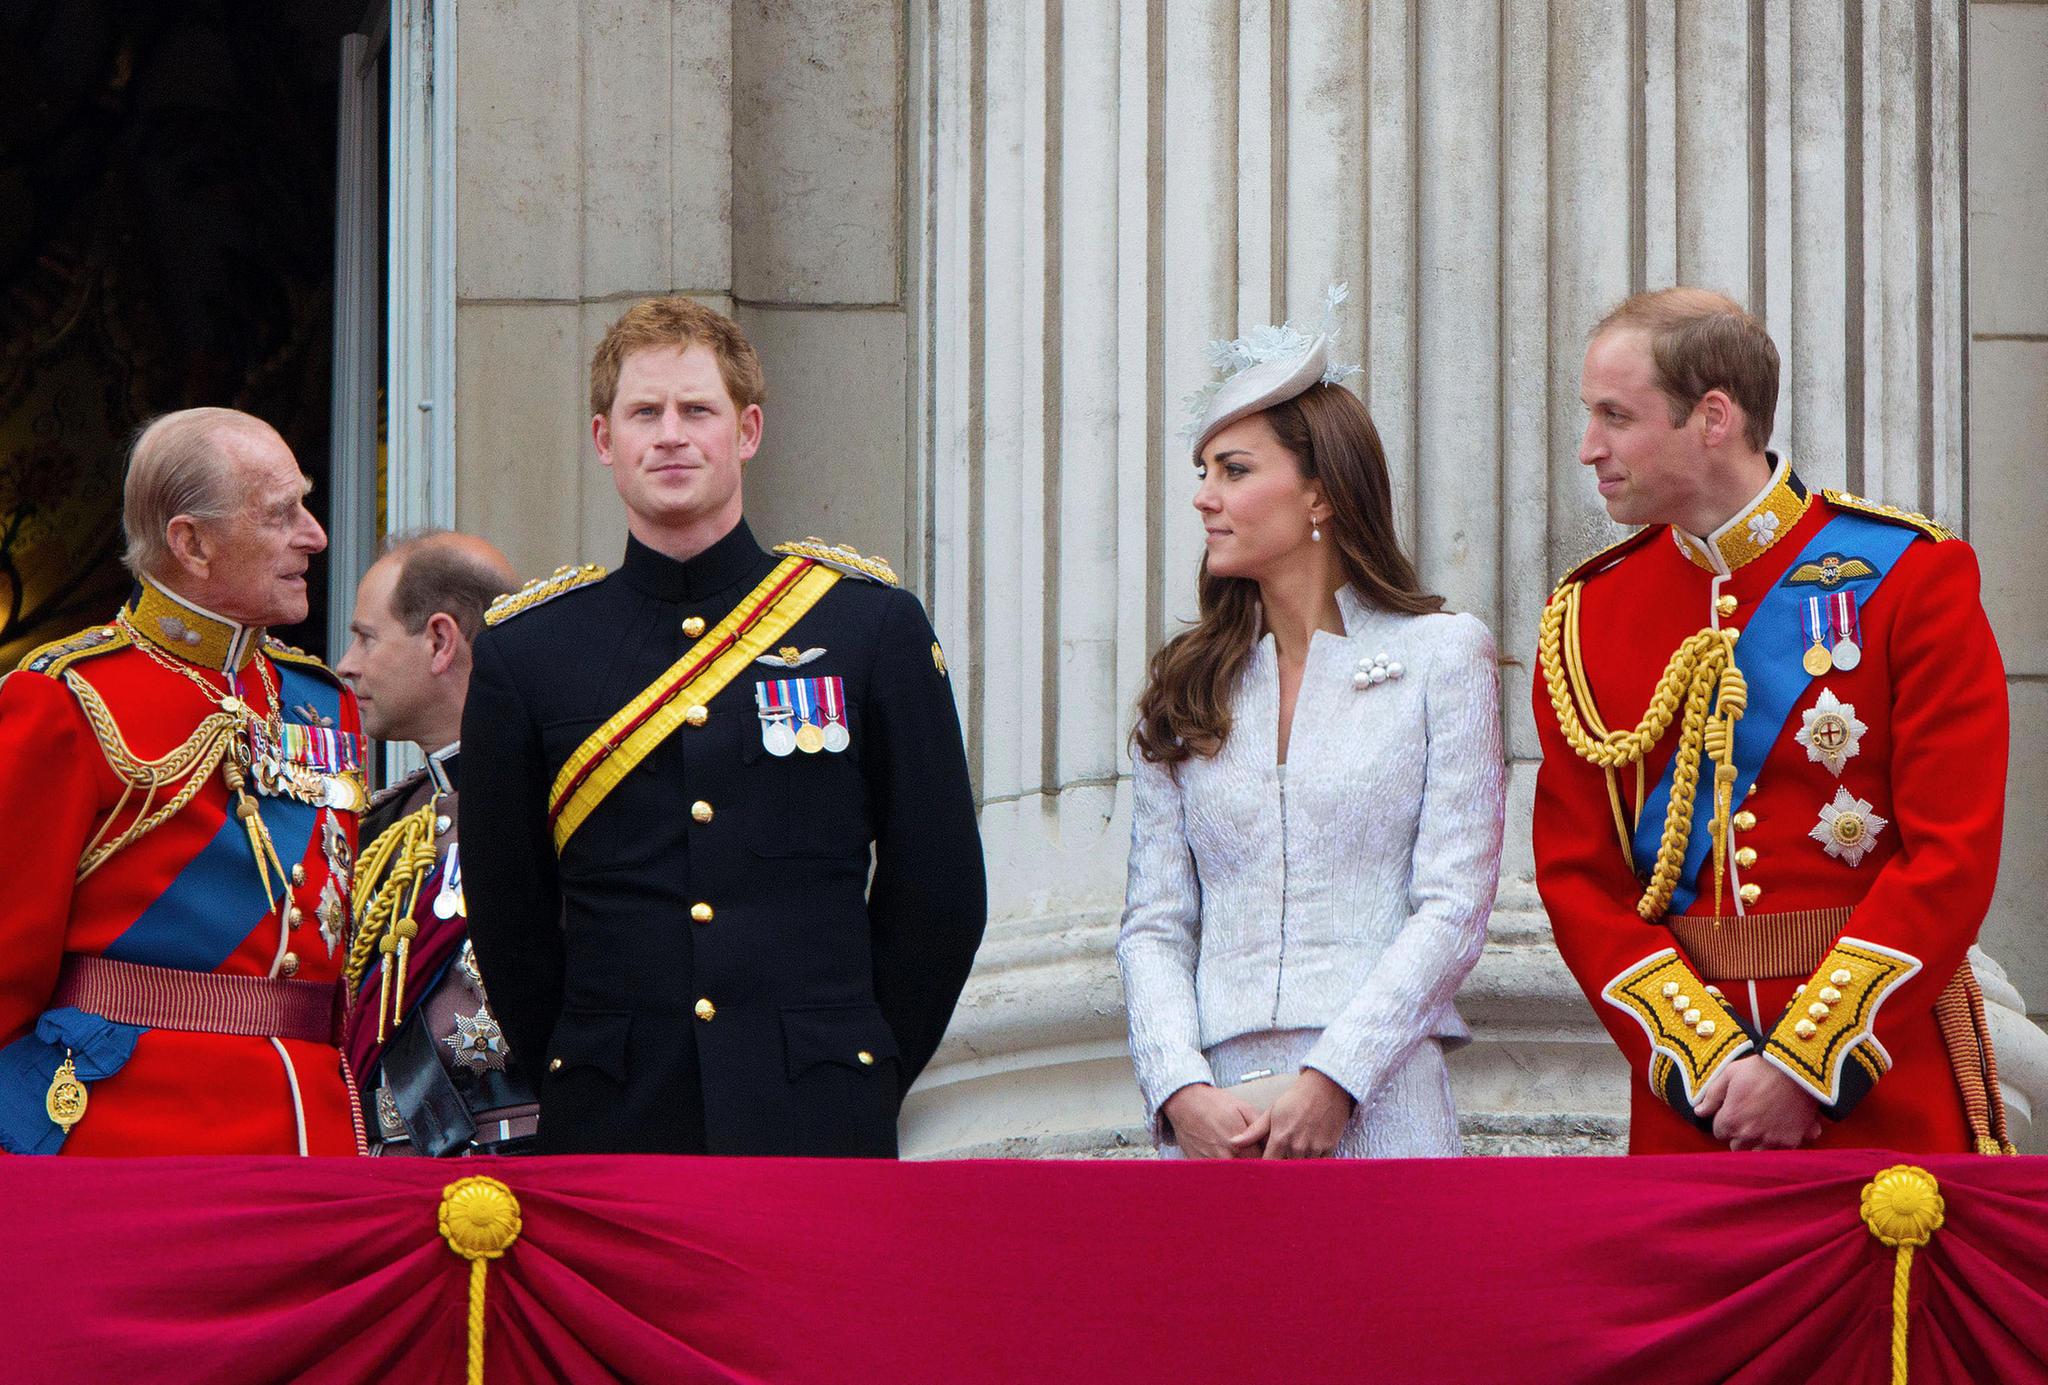 Leute | Britische Herzogin Kate reist solo nach Luxemburg